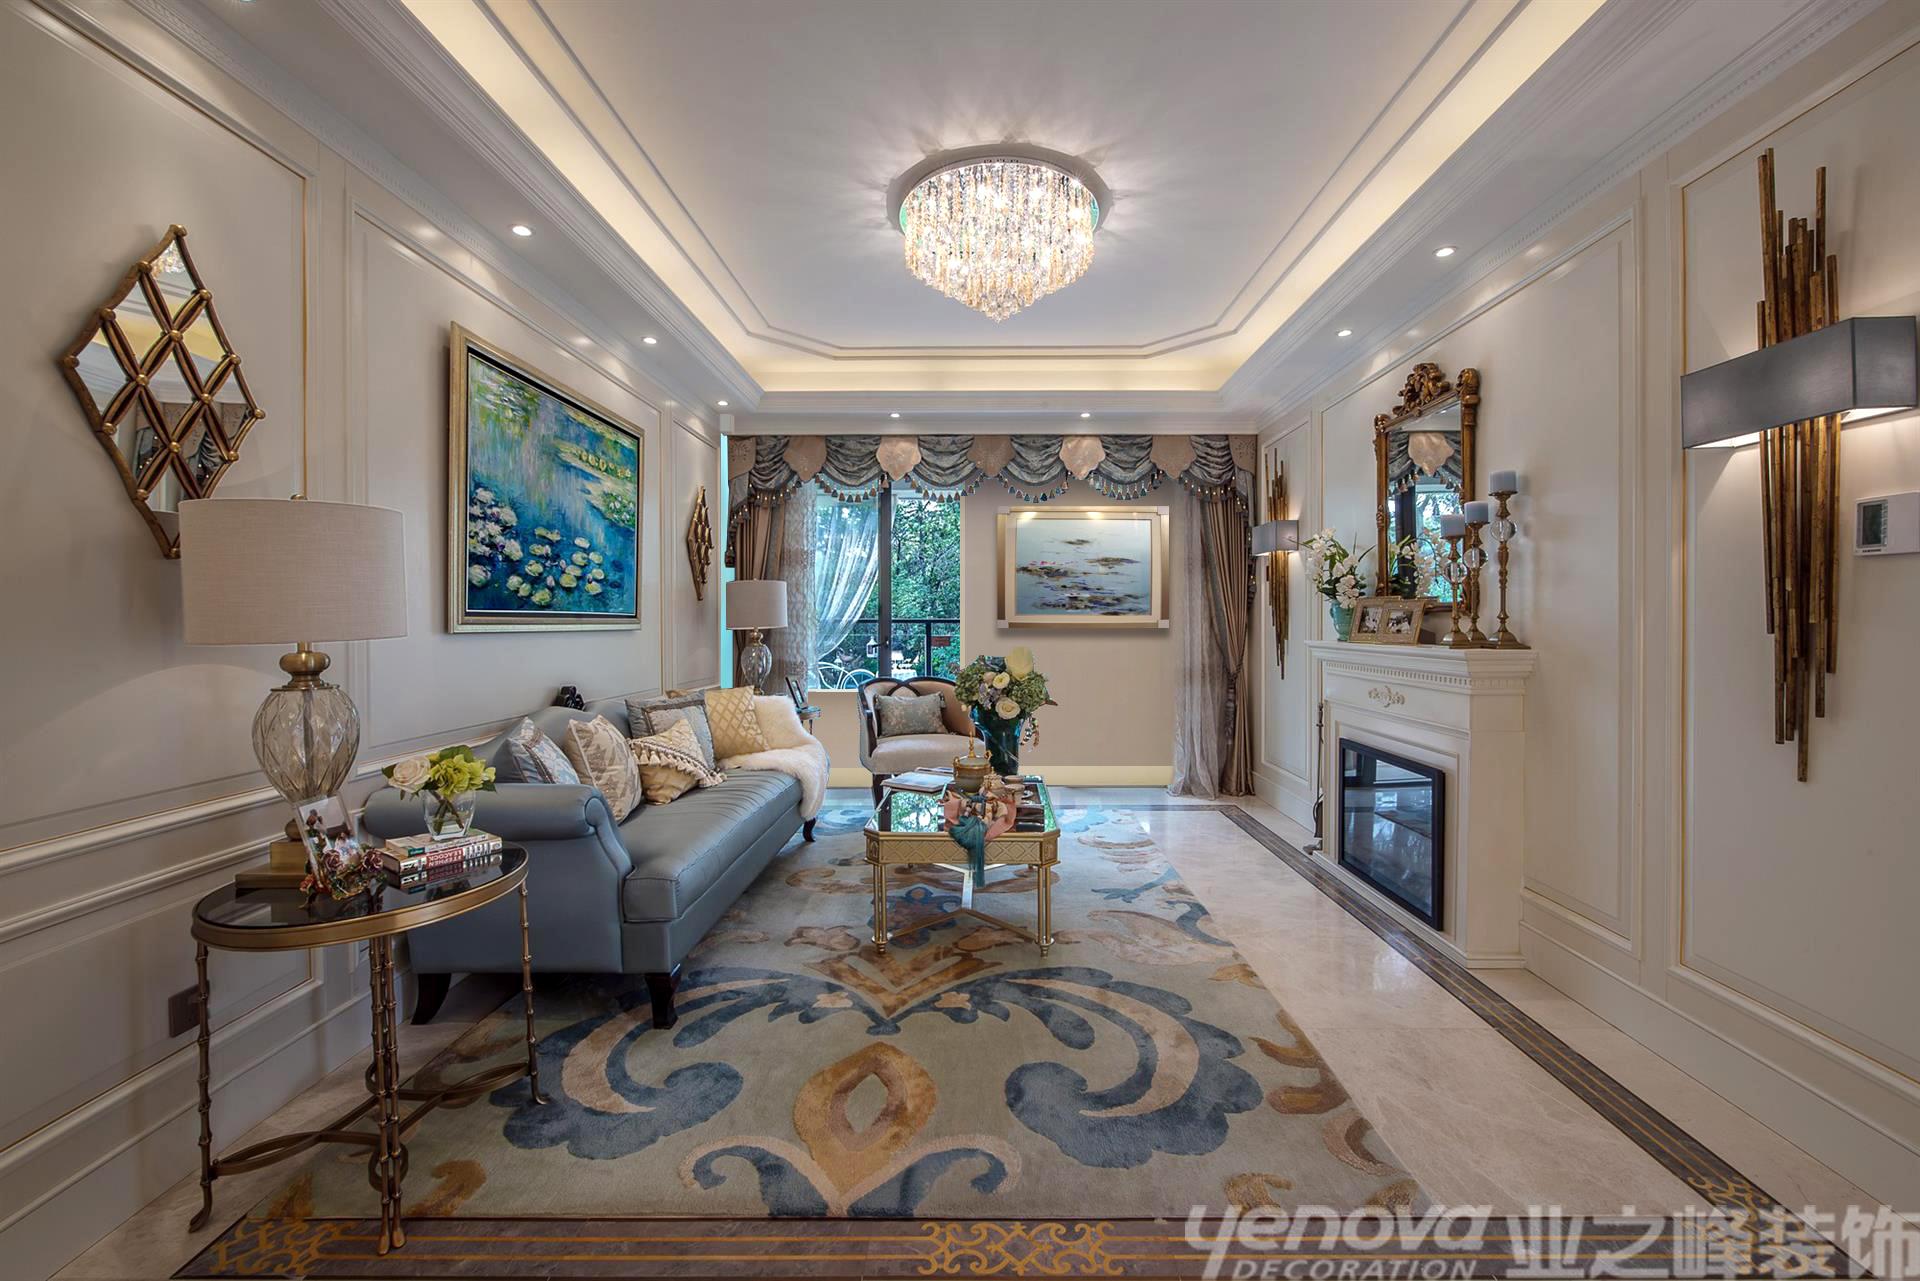 美式风格 壁炉 三居 海边 客厅图片来自青岛业之峰官方客服--小万在晓港名城 121平 美式风格的分享